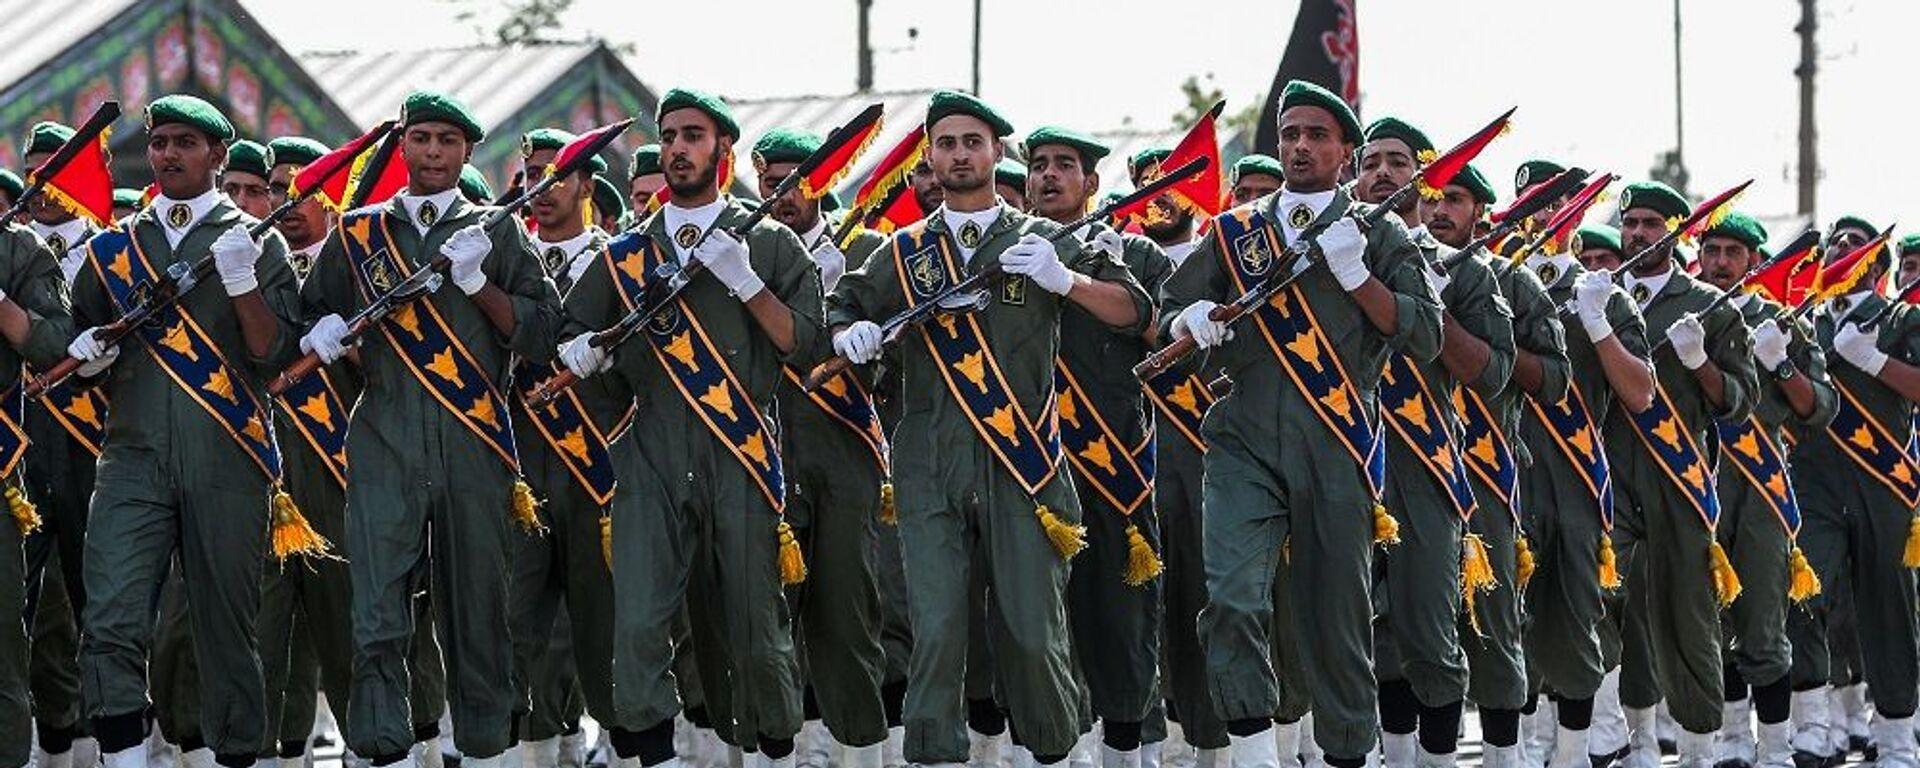 Οι Φρουροί της Επανάστασης του Ιράν - Sputnik Ελλάδα, 1920, 18.06.2021